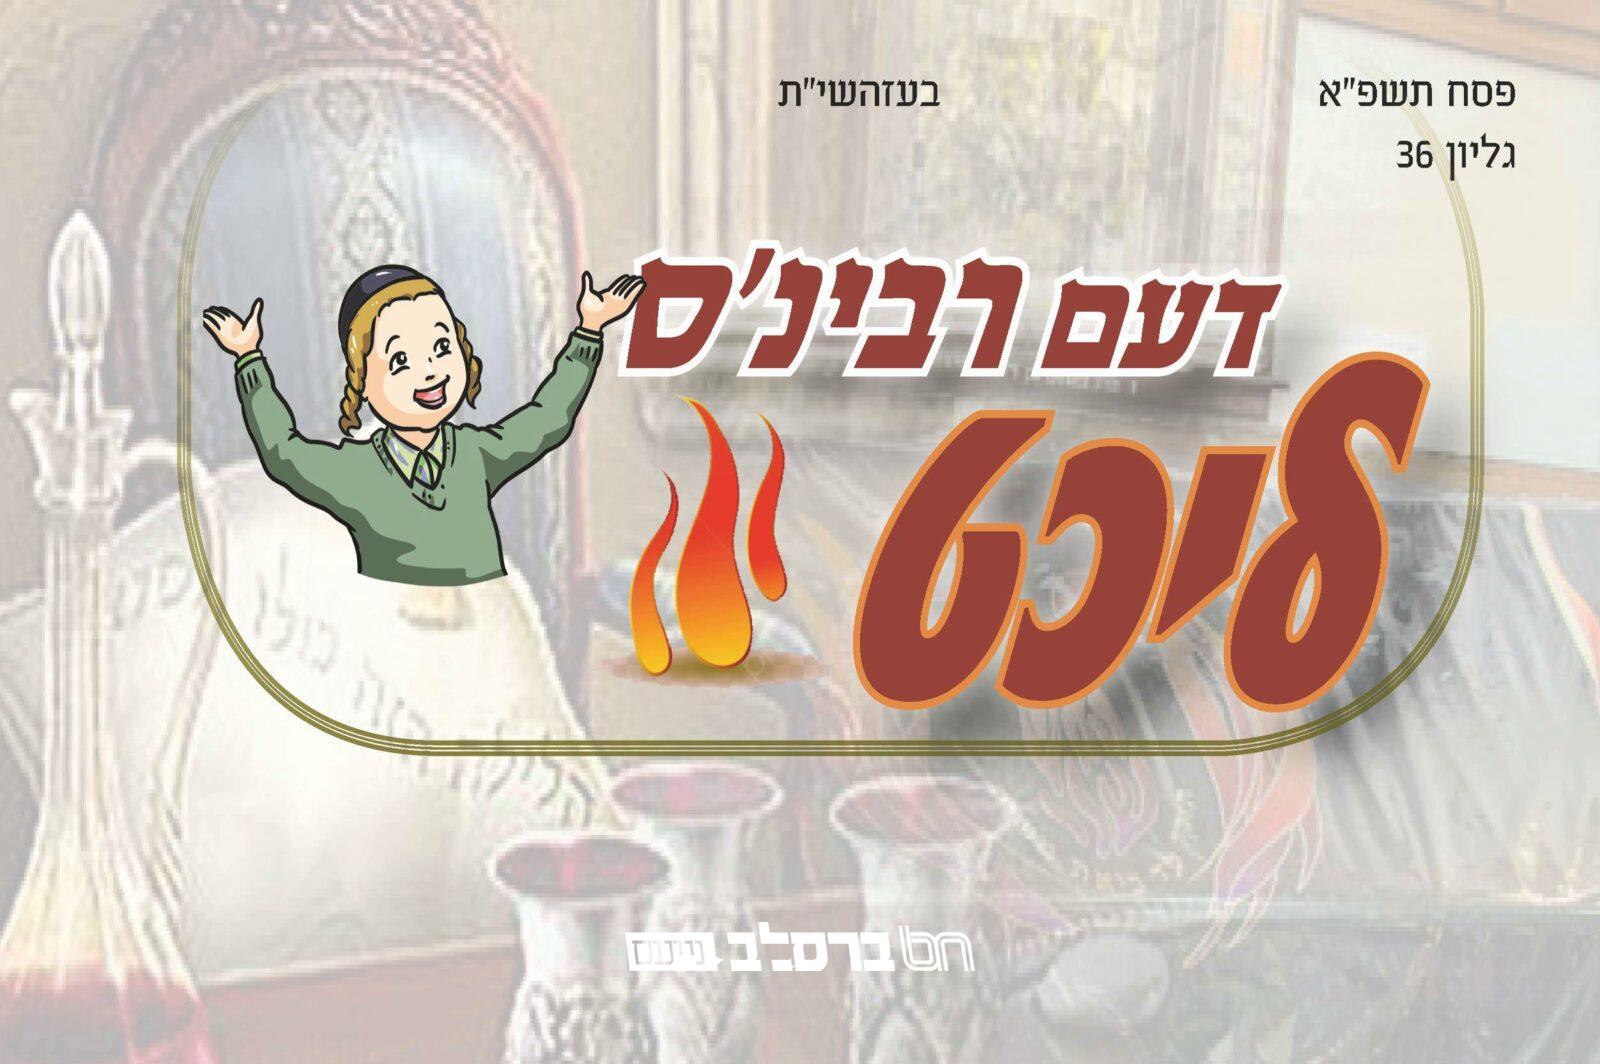 פֶּסַח • מערכת 'דֶּעם רֶבִּי'נְס לִיכְט' עם גליון רב תוכן מיוחד לחג